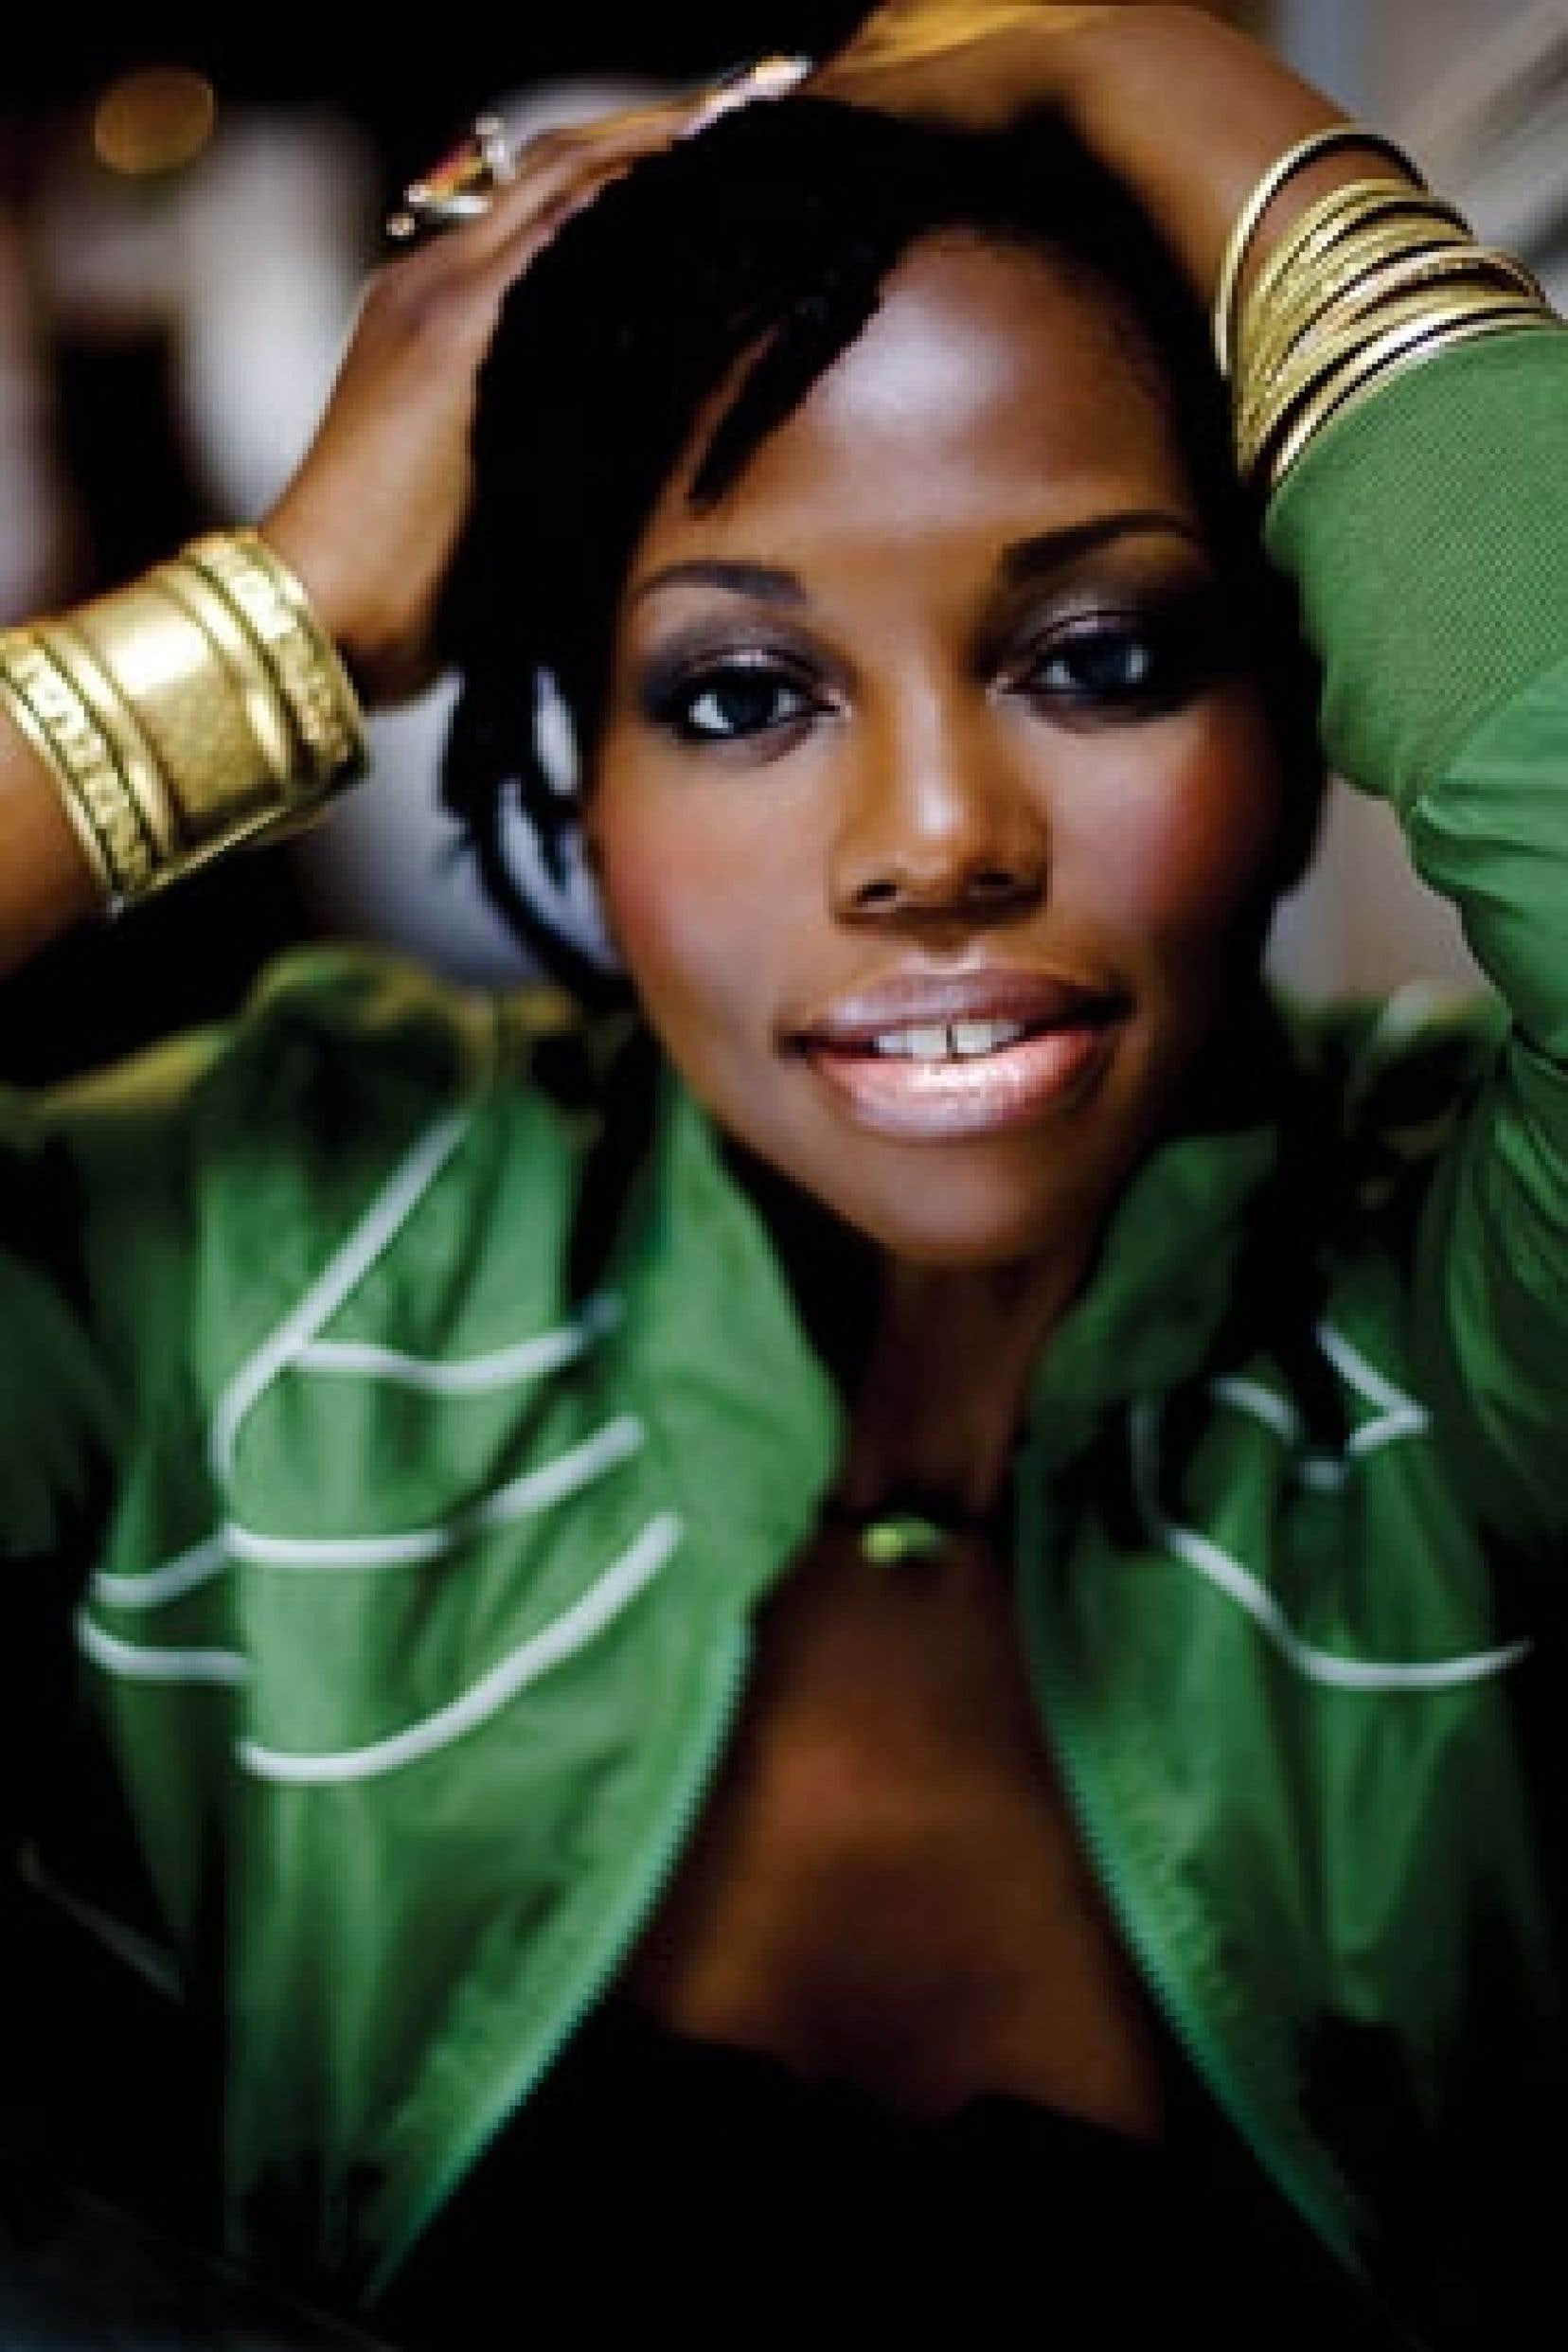 Depuis quinze ans, la voix de la chanteuse a gagné en puissance. Photo Qarim Brown